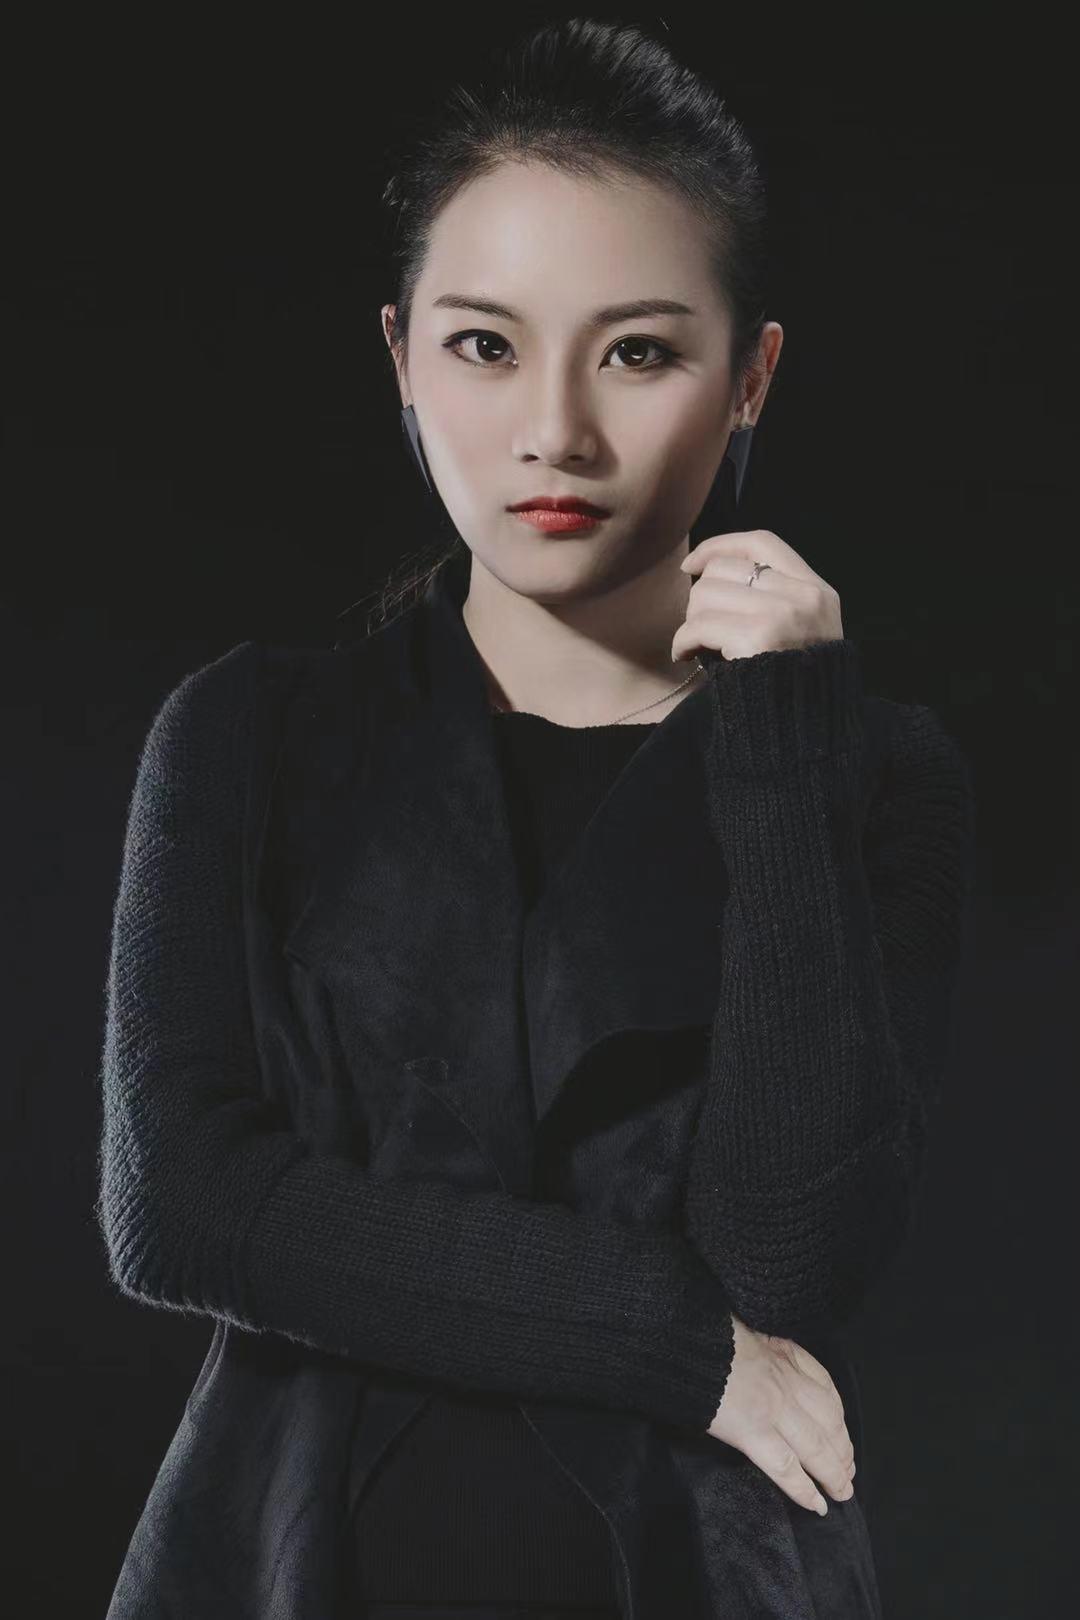 合肥装修设计师王倩